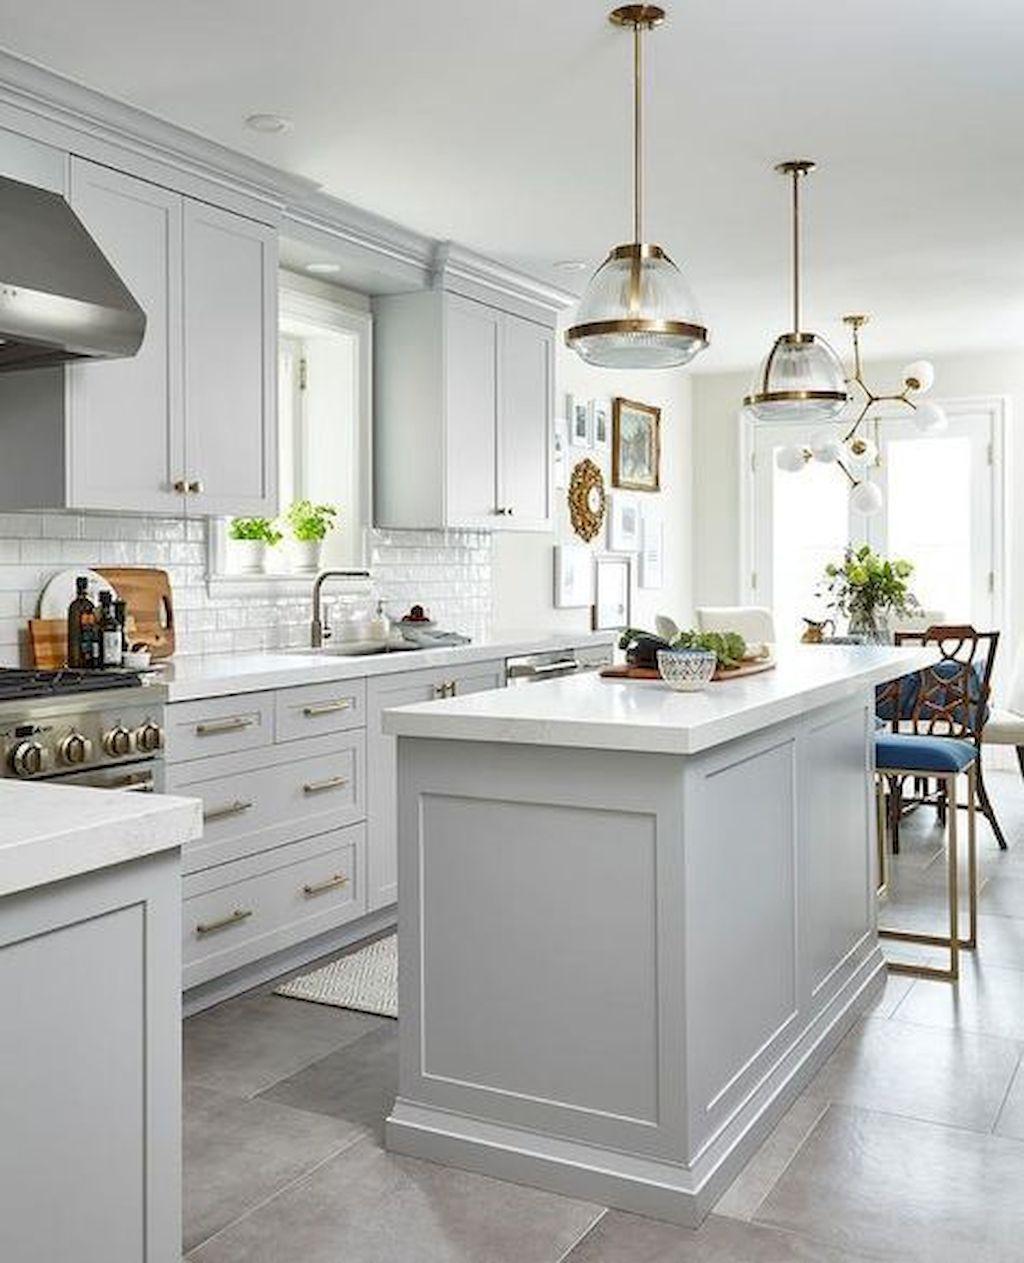 28 elegant white kitchen design ideas for modern home kitchen cabinet design home decor on kitchen ideas white id=96485